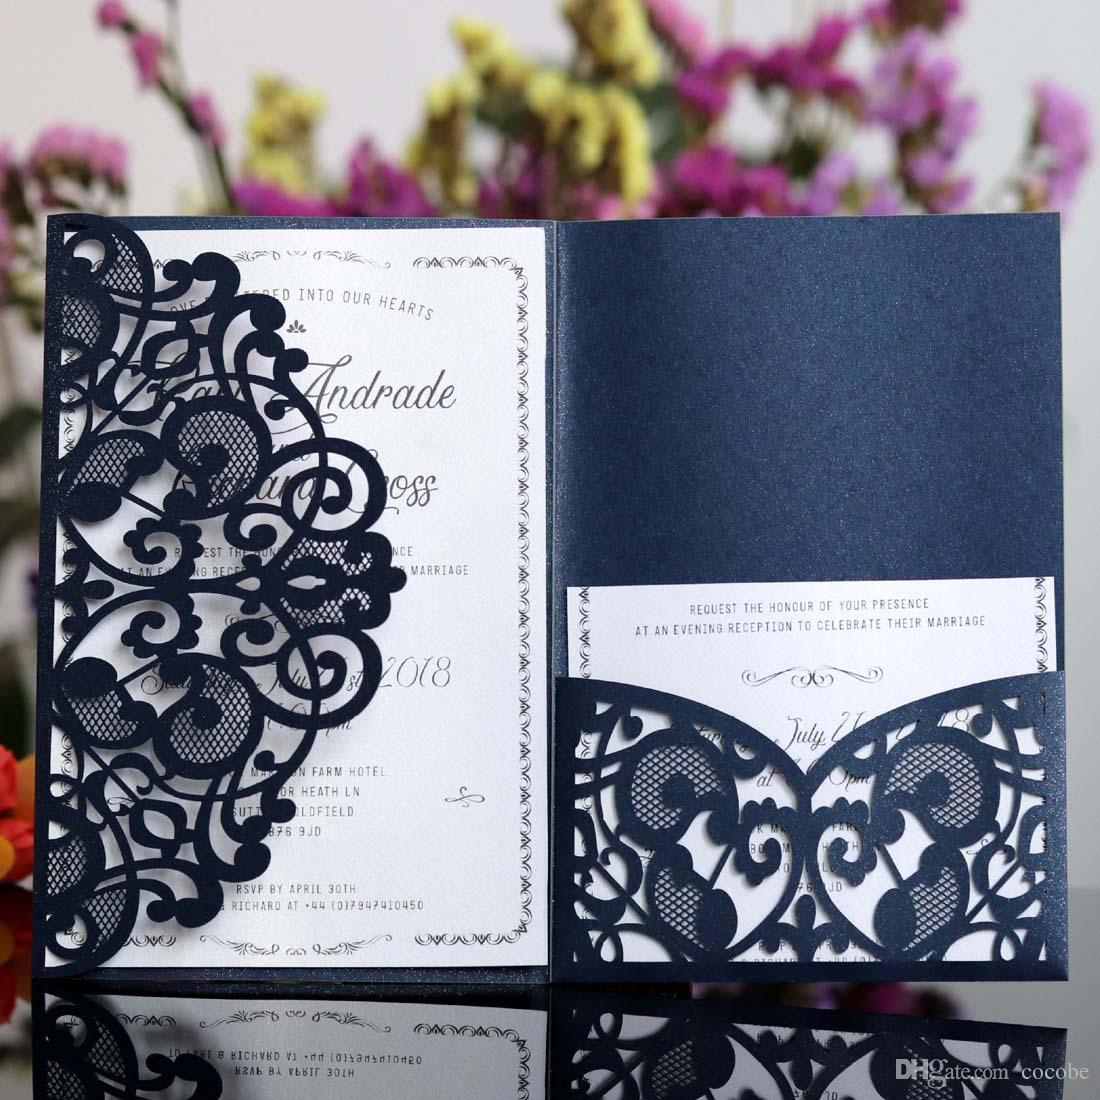 Le Laser A Coupe Des Kits D Invitations De Mariage Avec La Conception De Fleur Creuse De Dentelle De Carte De Rsvp Elegante Pour La Fete D